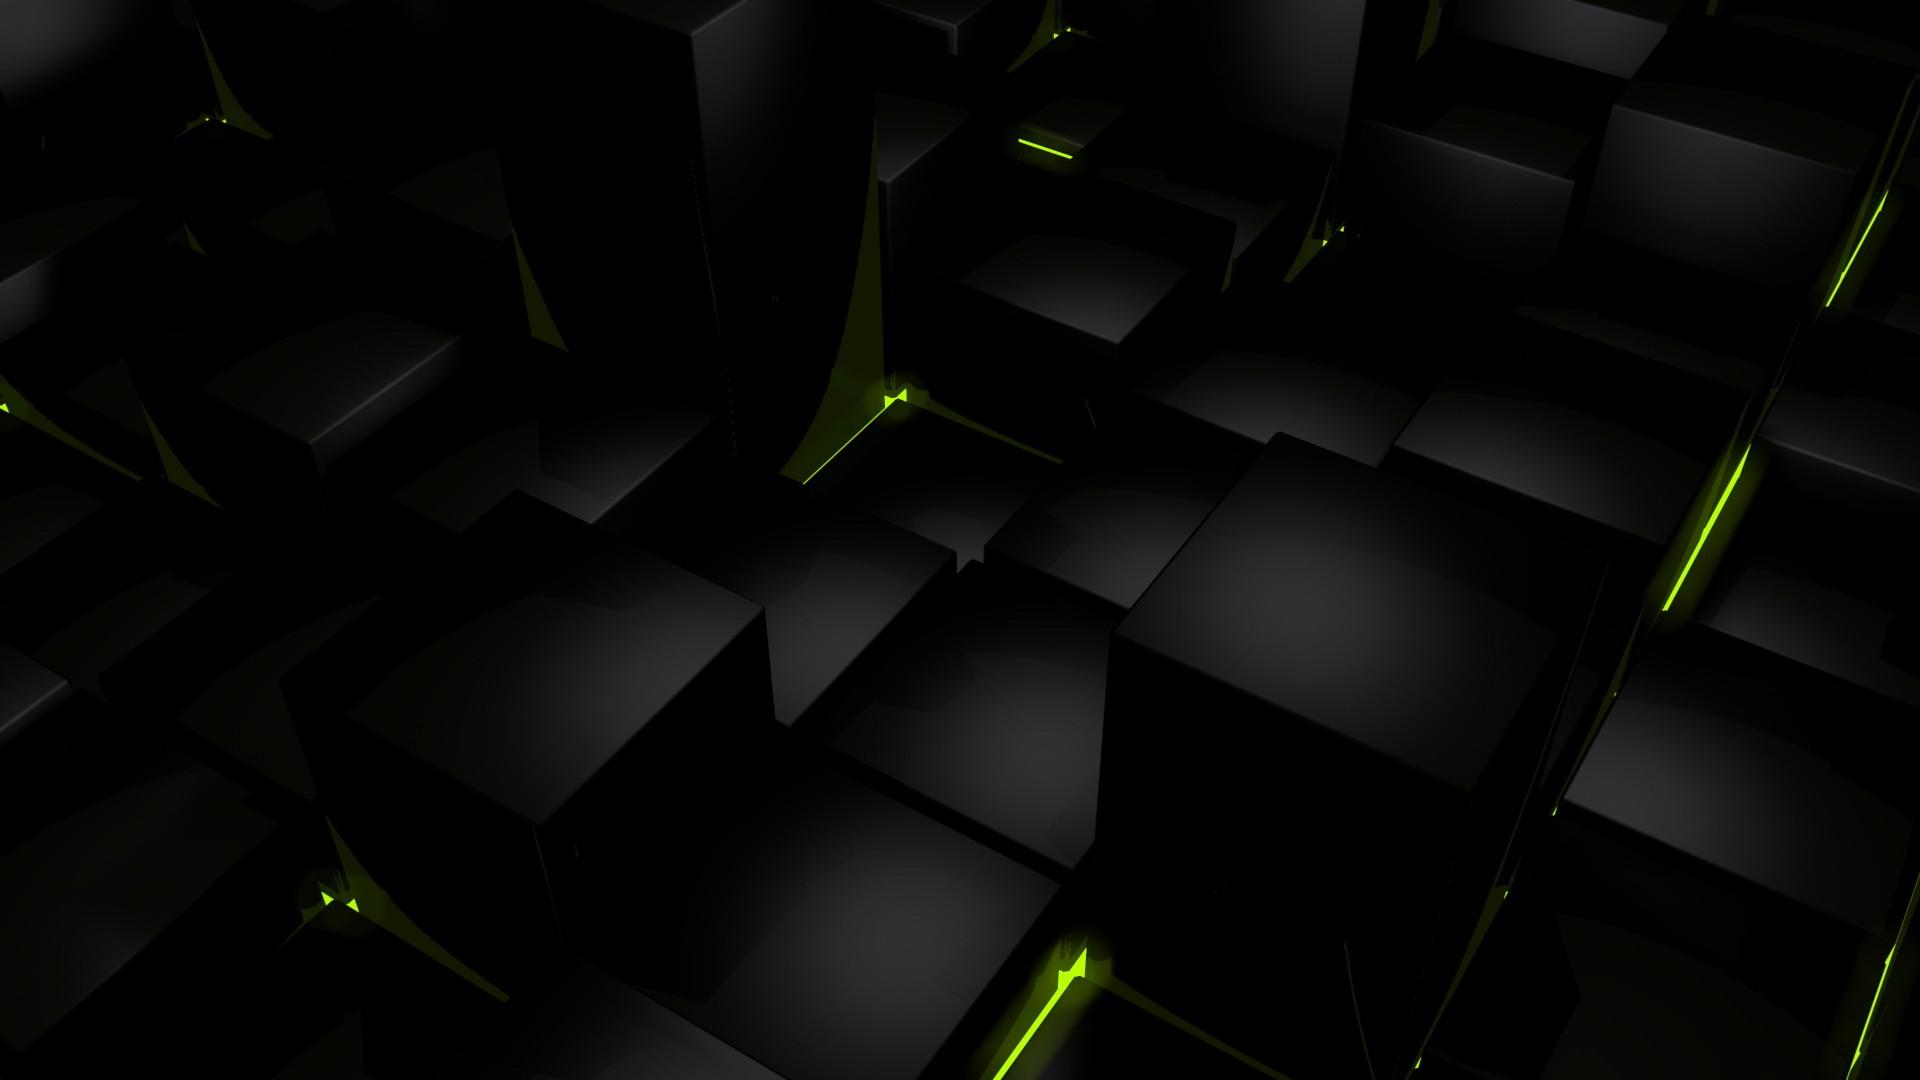 3D black cube wallpaper